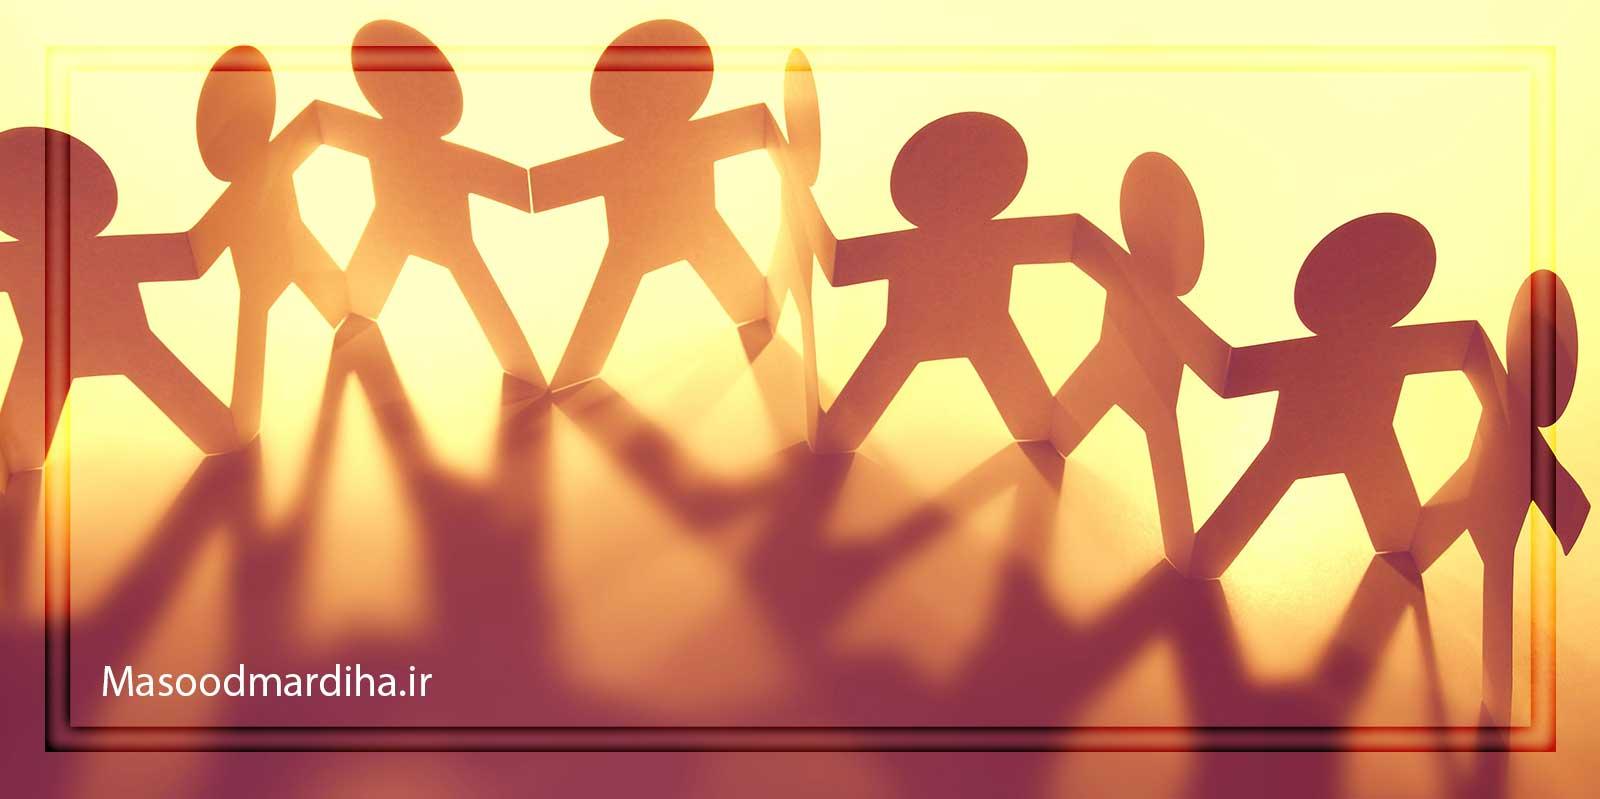 آسیب شناسی روابط اجتماعی و دوستی